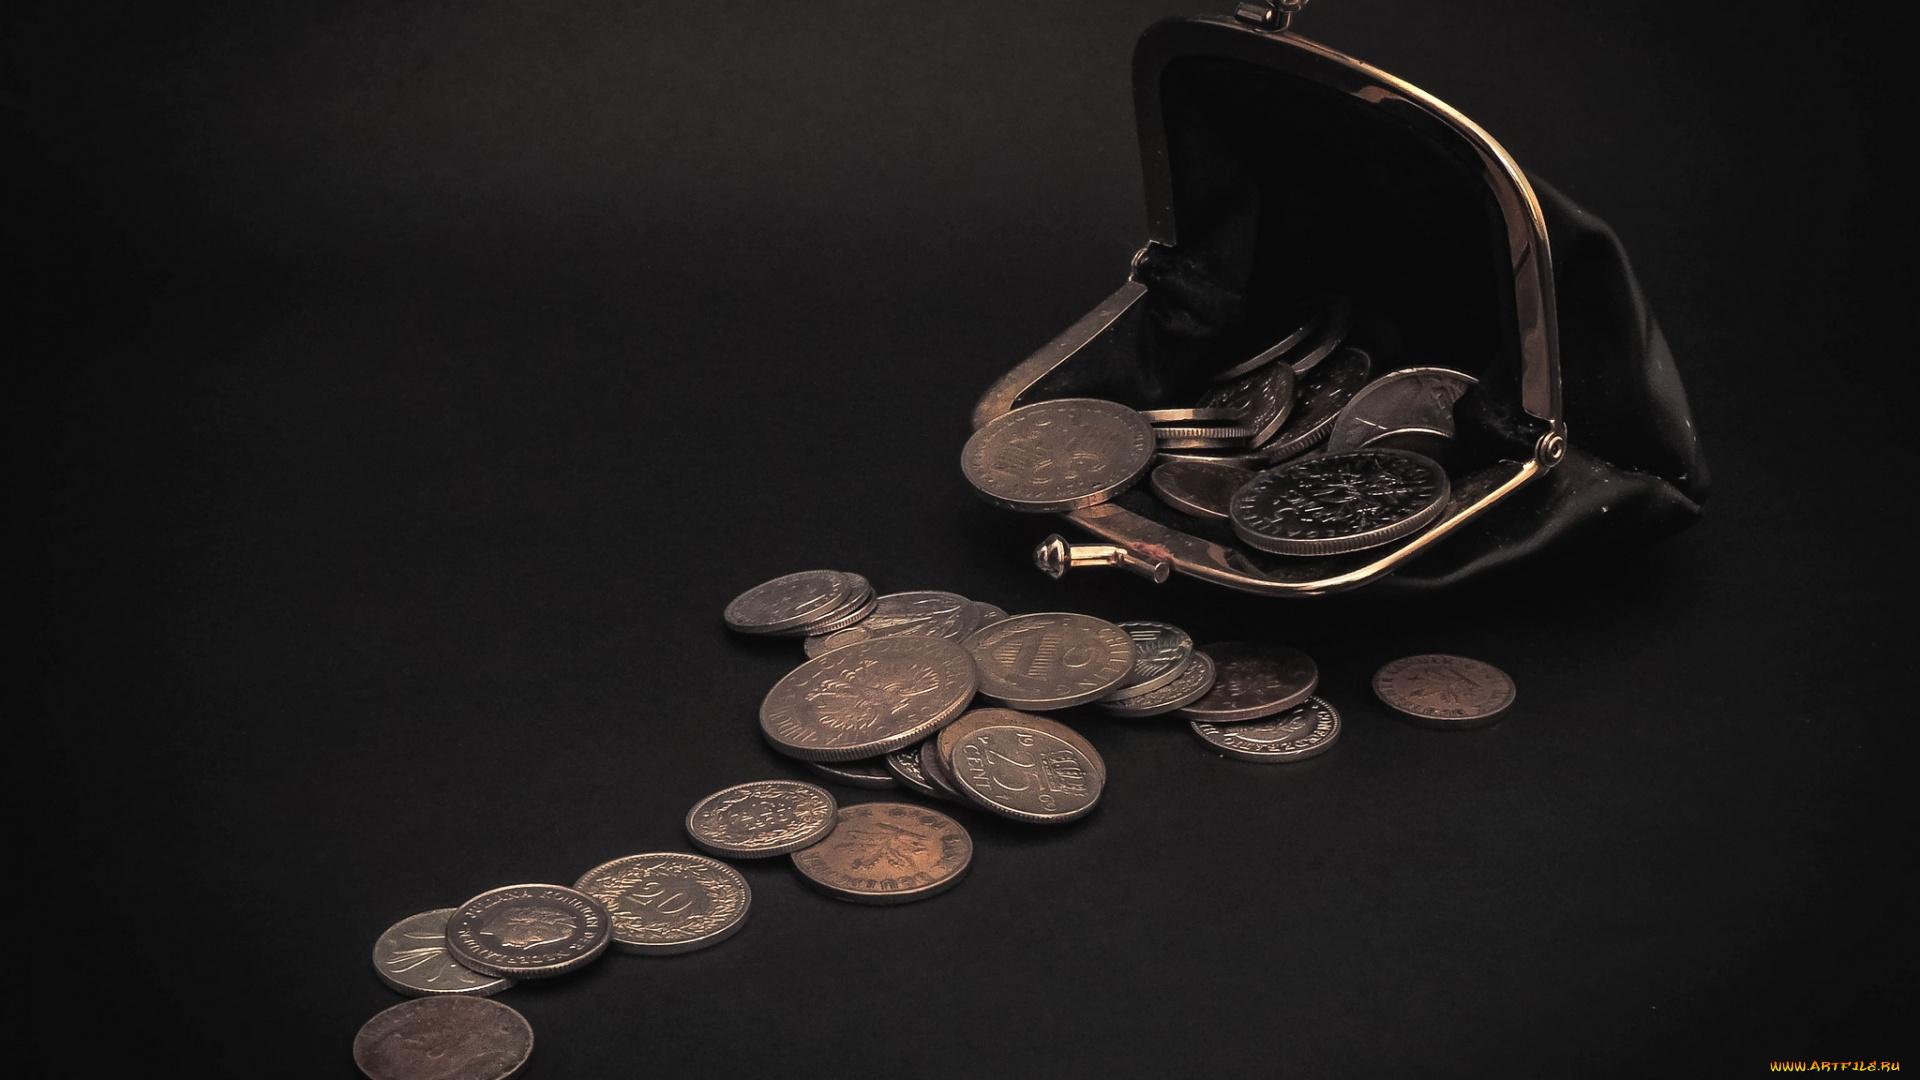 В Чите грабитель отобрал у пенсионера кошелек с пятью рублями